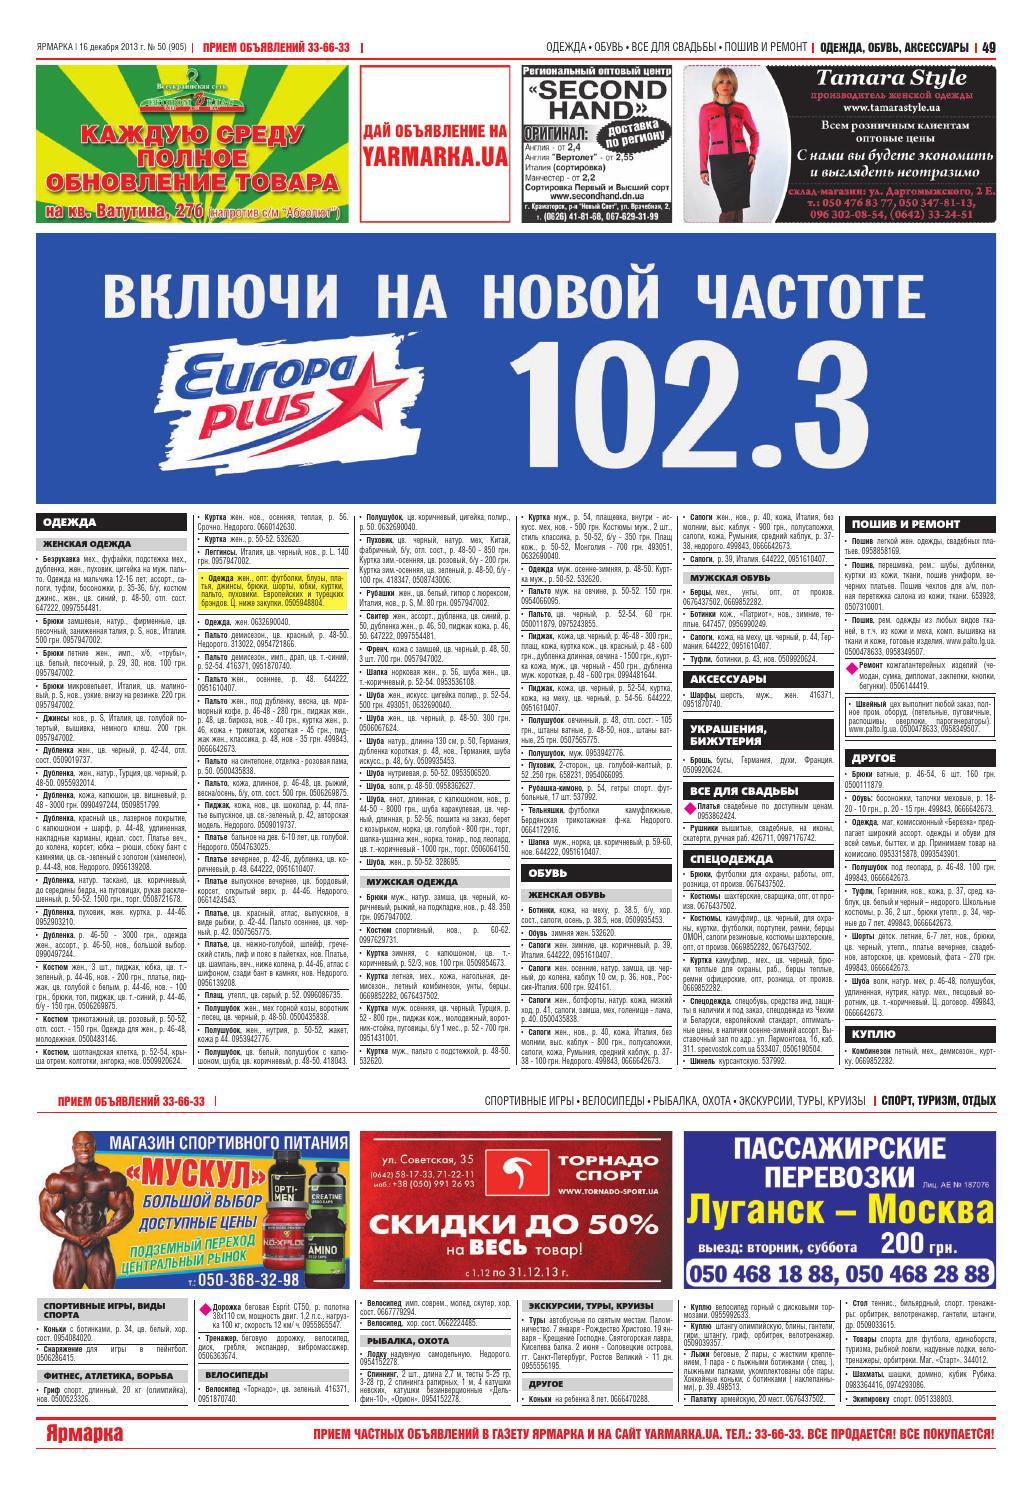 Купить Алкоголь В Калининграде Газета Ярмарка